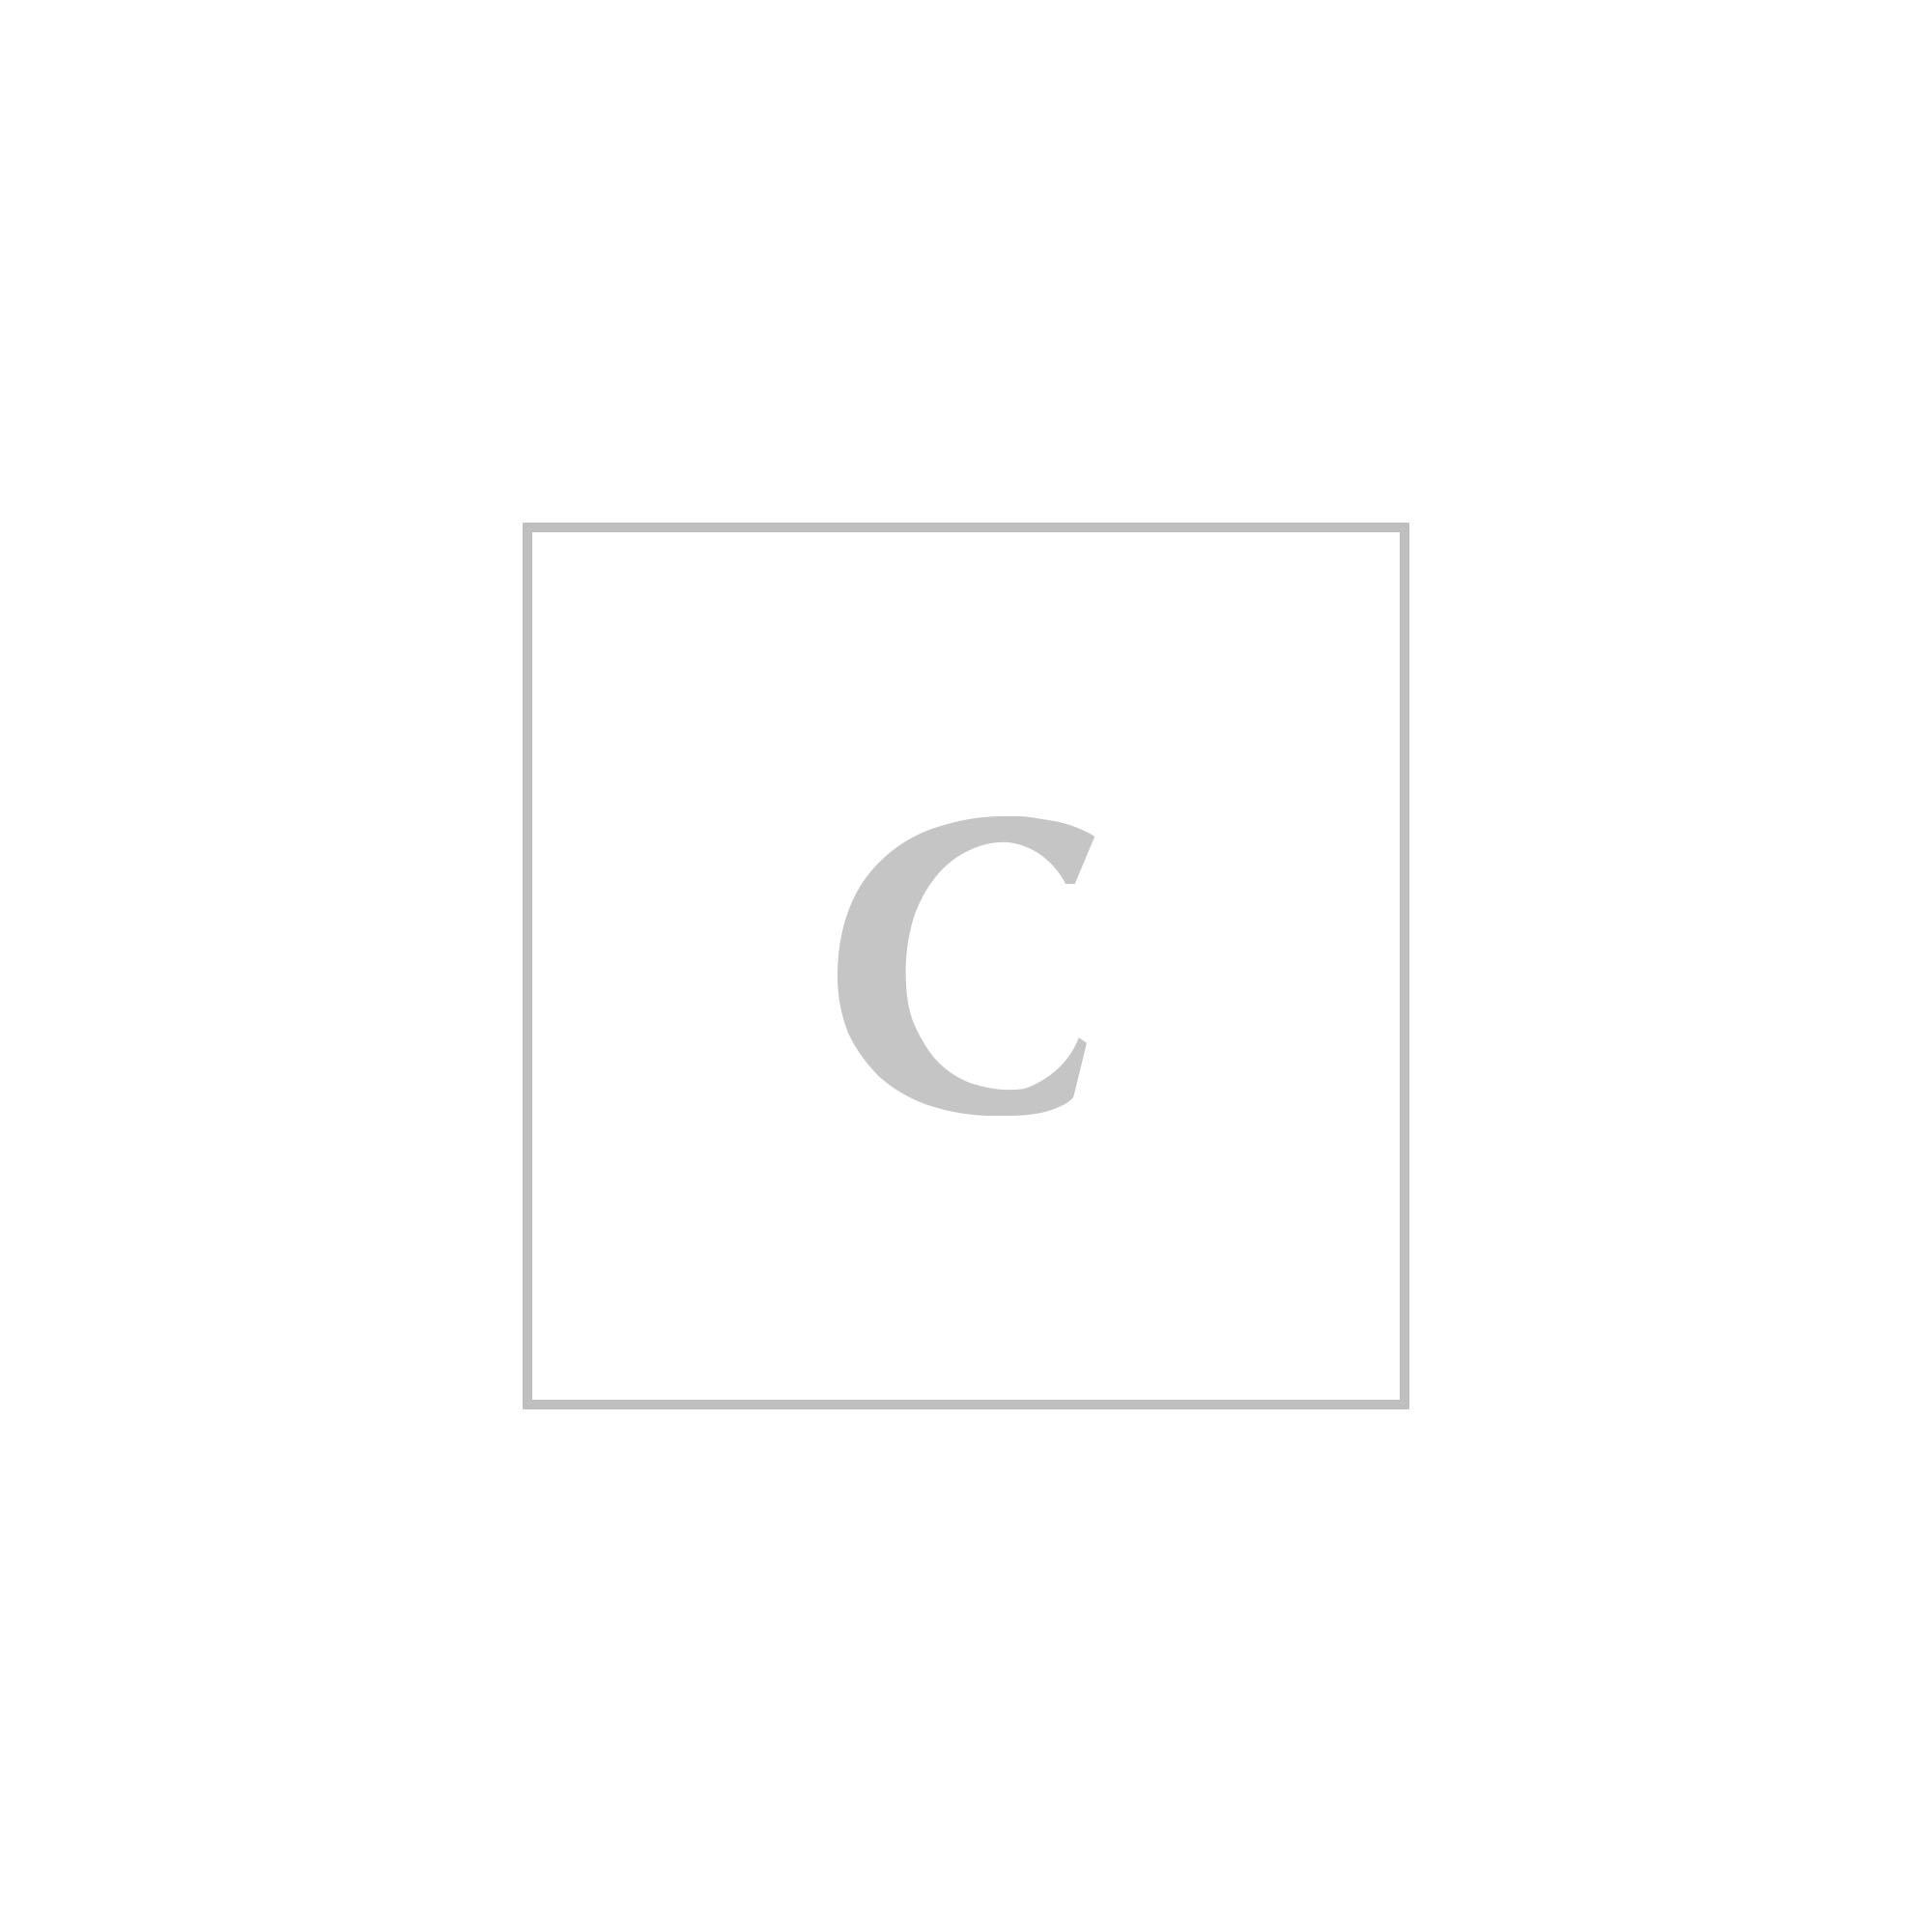 Boutique Donna Coltorti Bianco Da Ganni Capi Pelle In x8n0CqgTwS